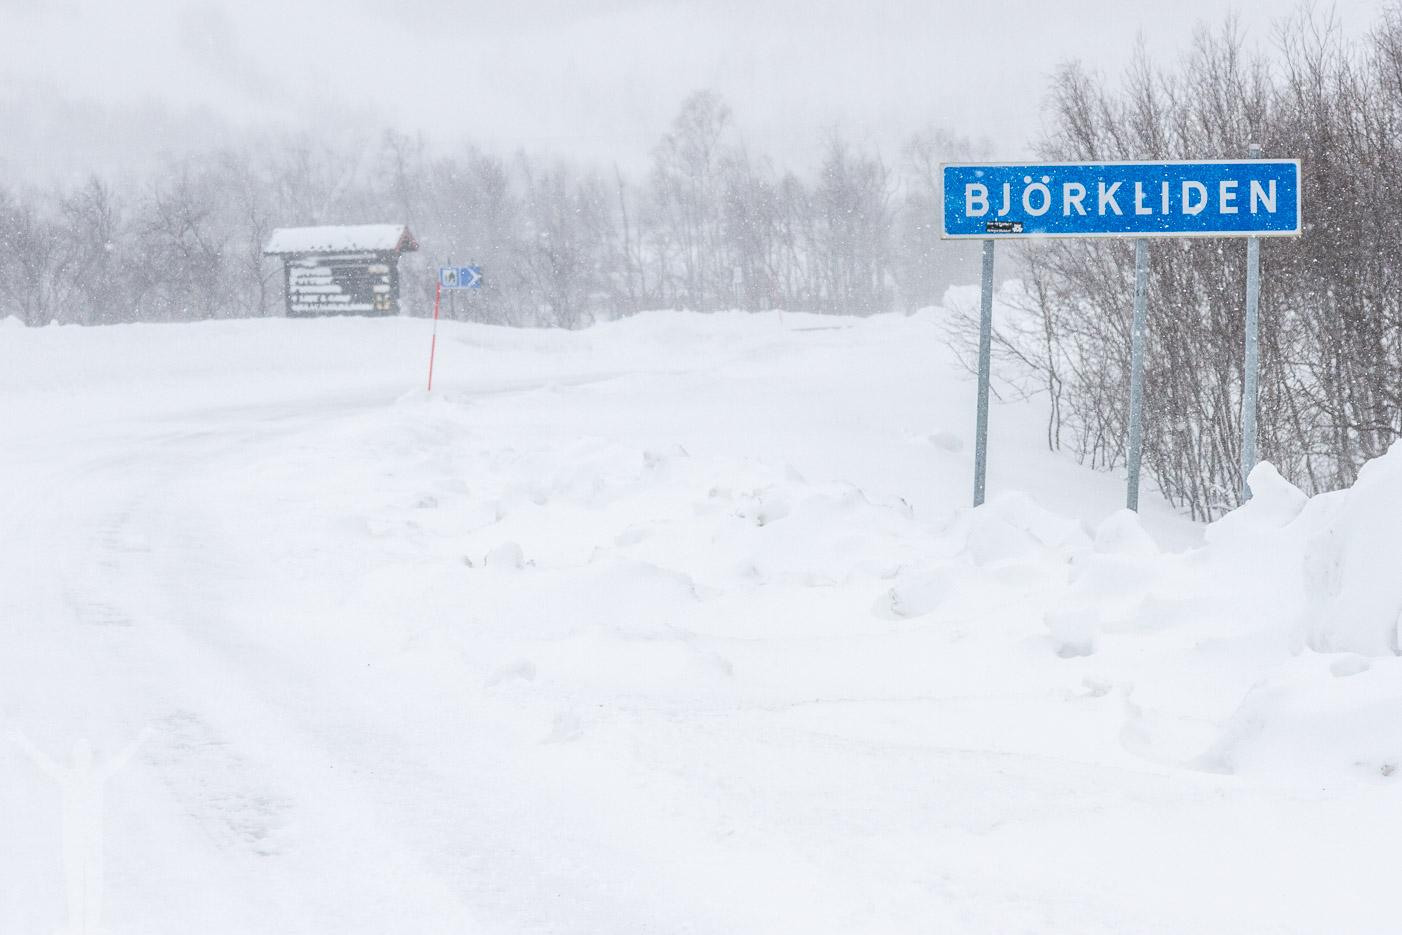 Välkommen till Björkliden